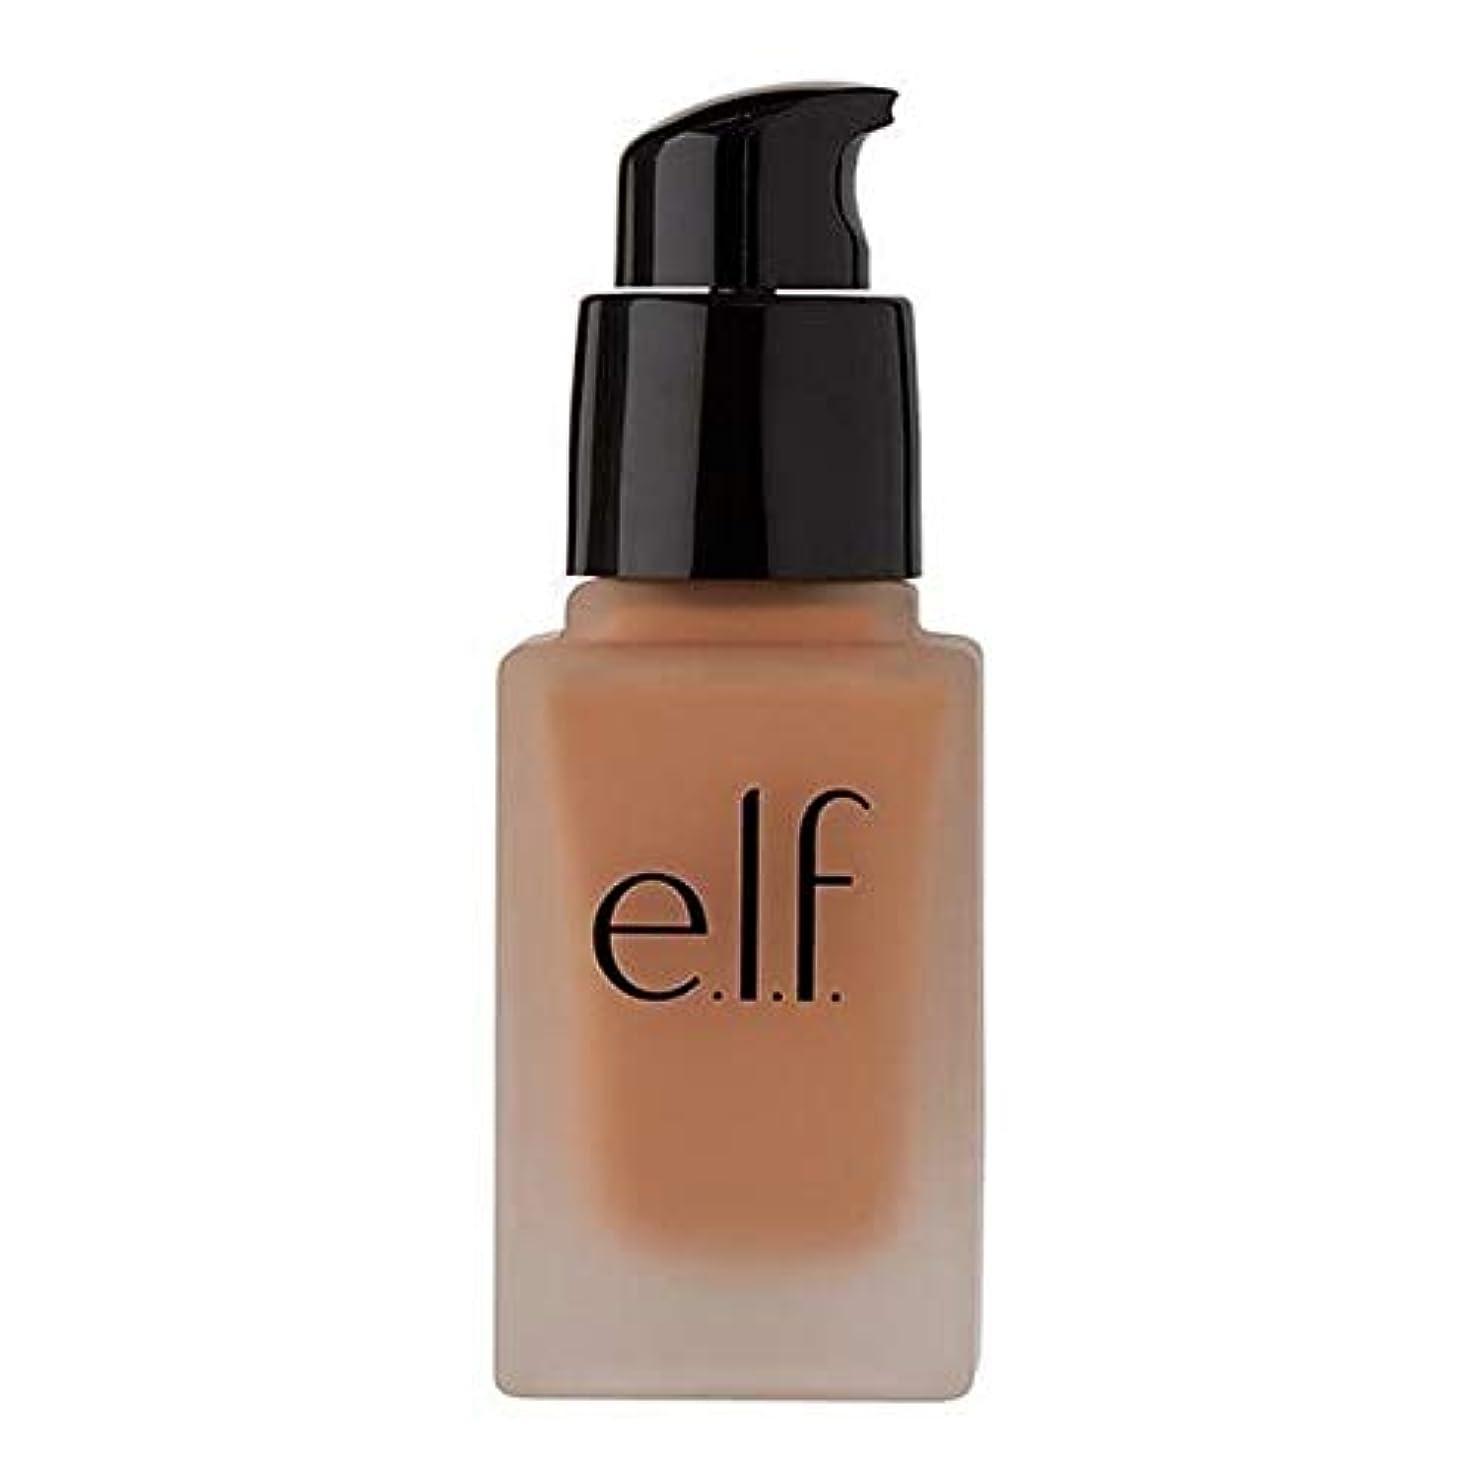 熟達した密できれば[Elf ] エルフ。完璧な仕上がりのファンデーションSpf 15キャラメル - e.l.f. Flawless Finish Foundation SPF 15 Caramel [並行輸入品]